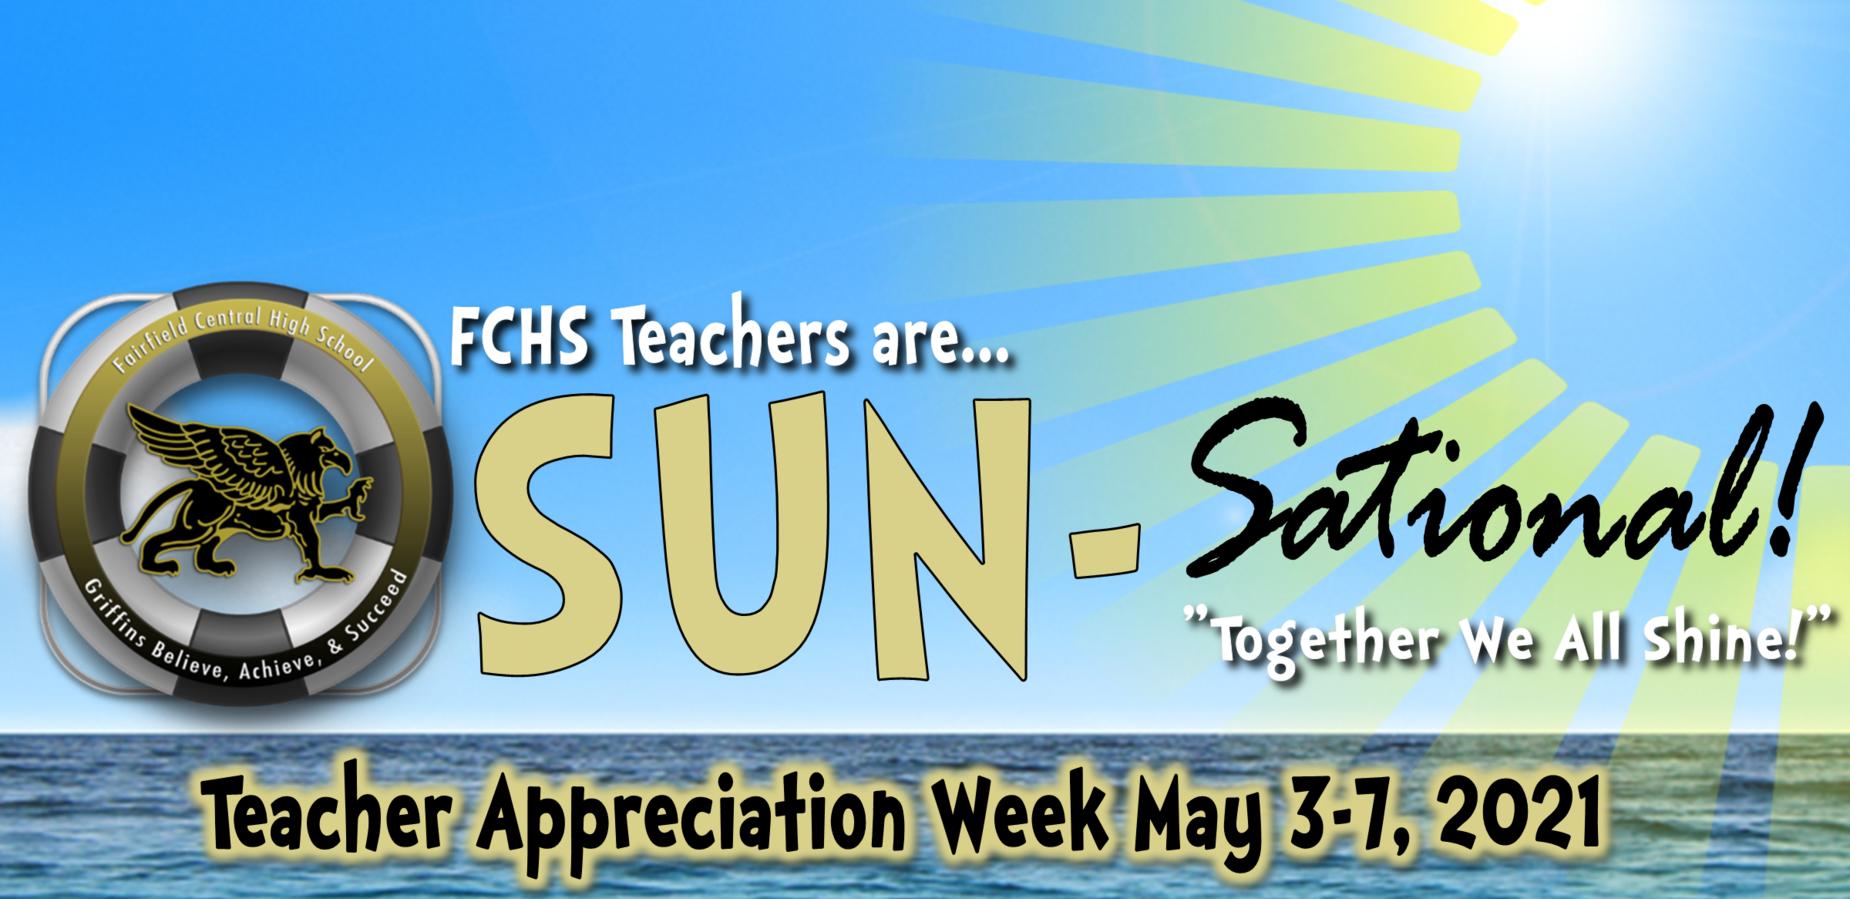 FCHS Teachers are Sun-sational